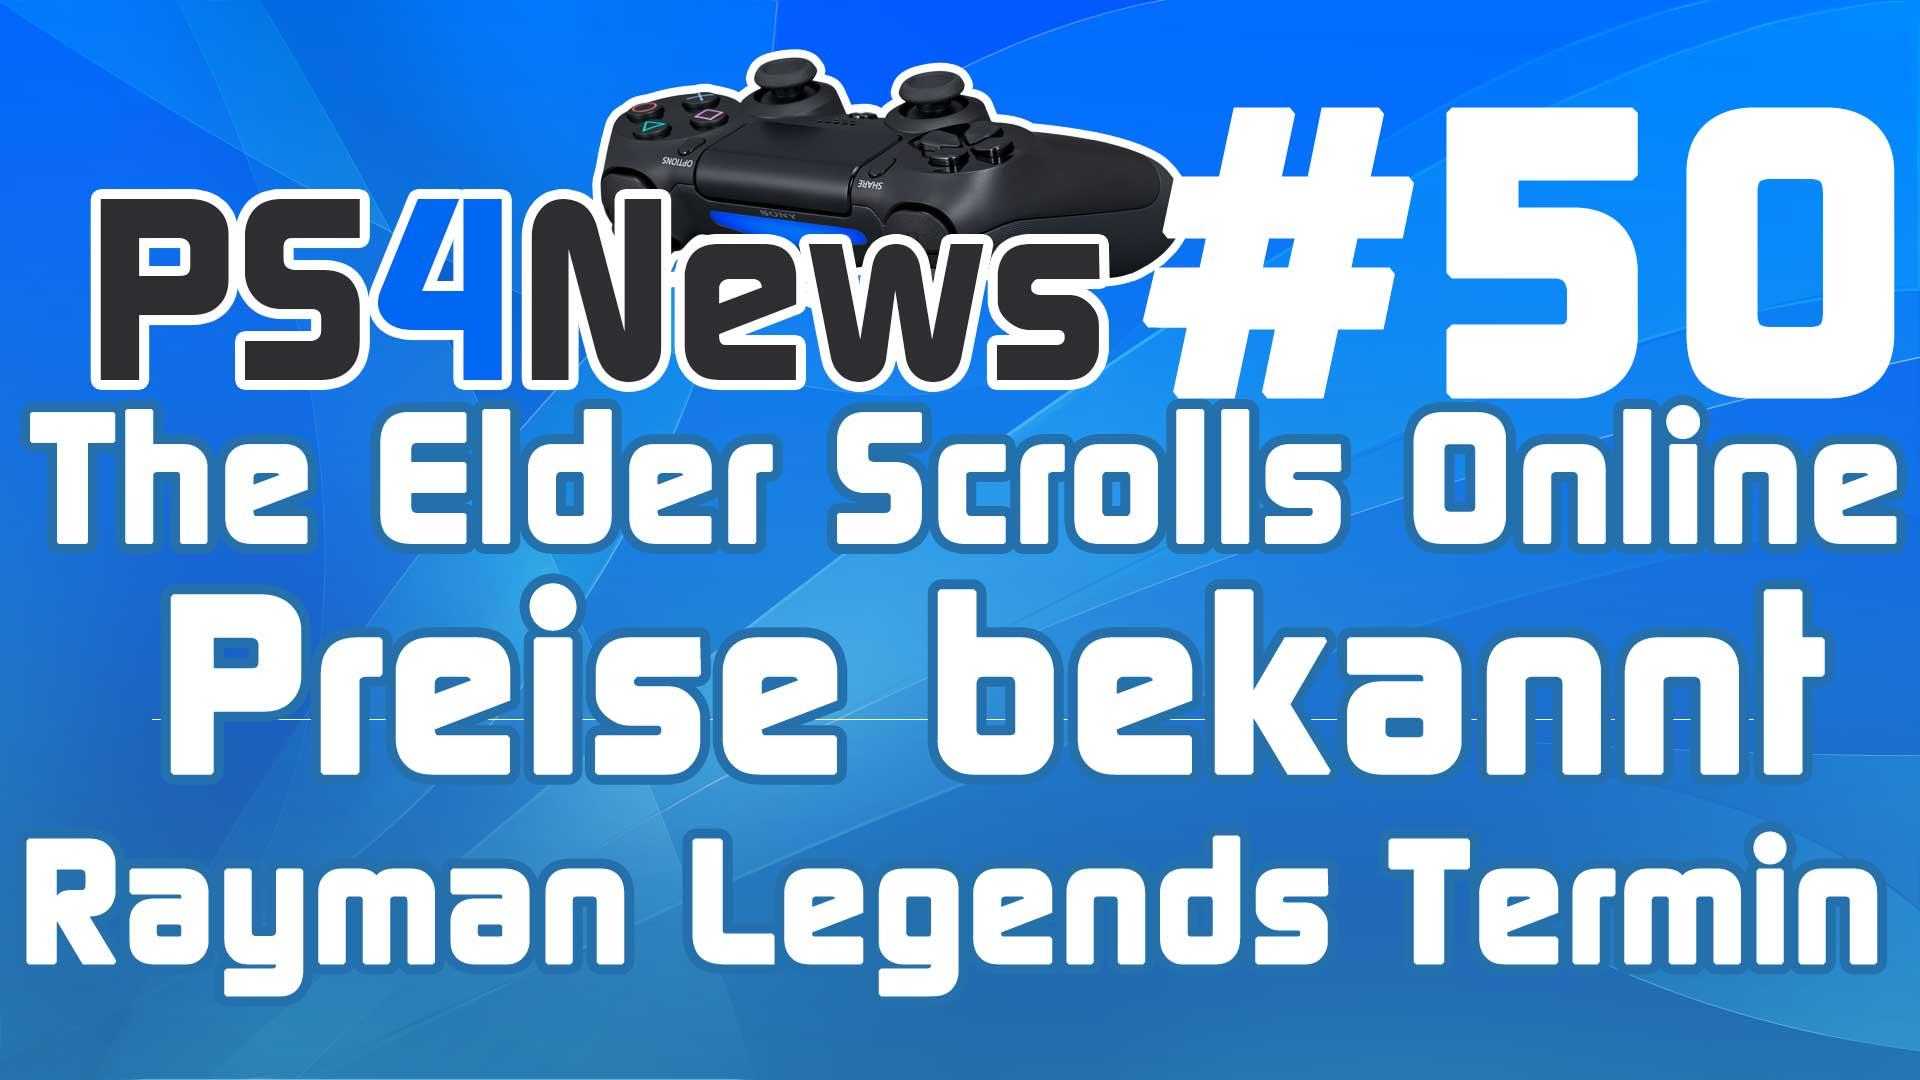 Erste Preise zu The Elder Scrolls Online – Rayman Legends PS4 Erscheinungstermin